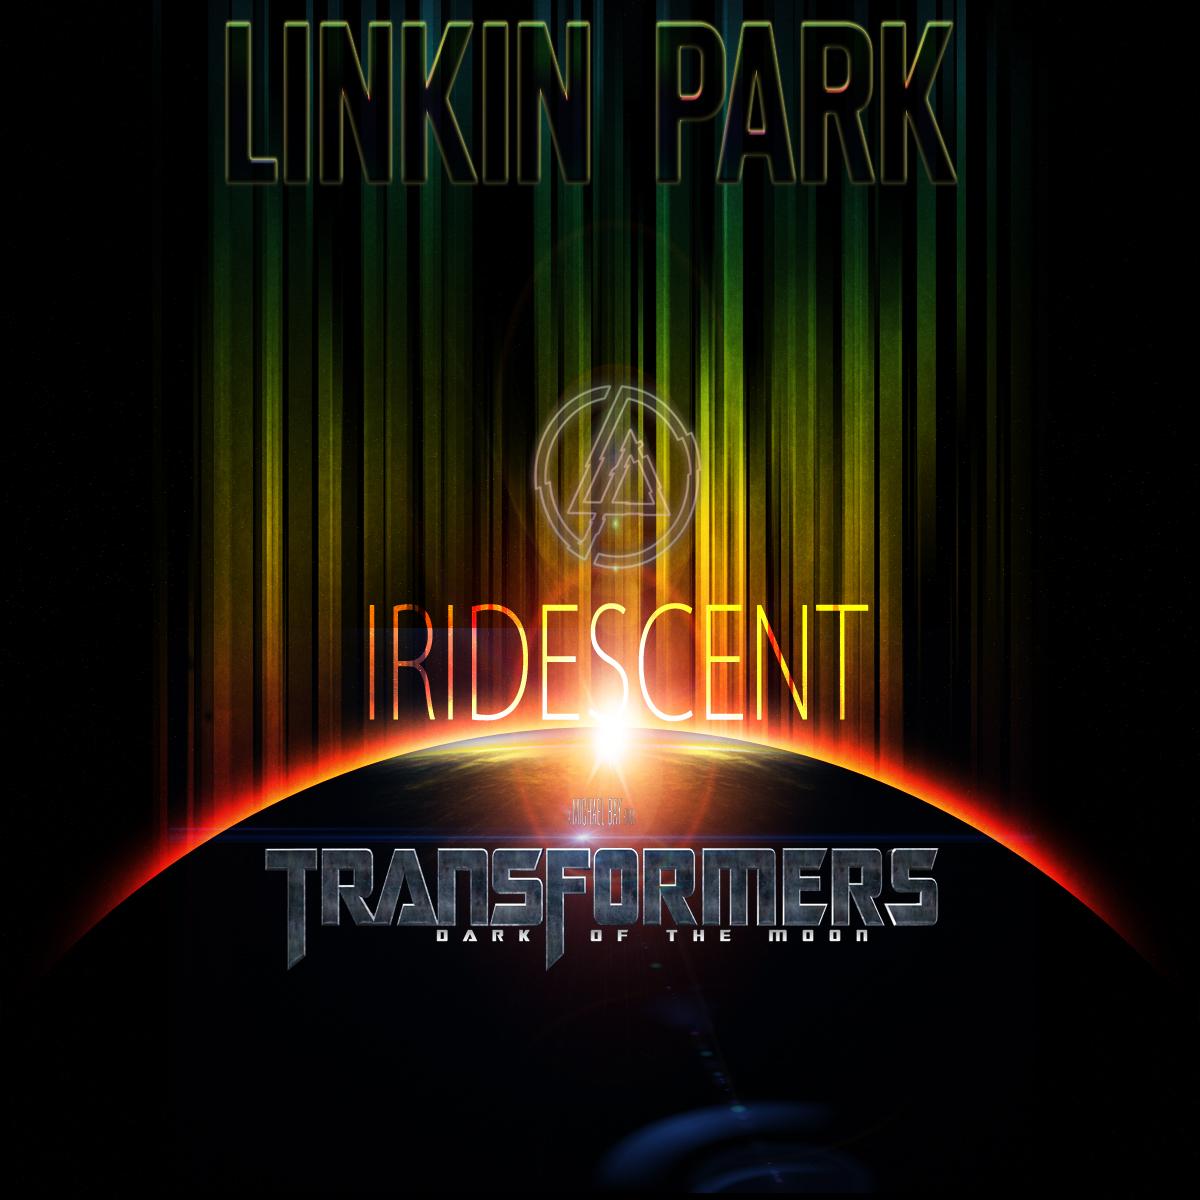 Linkin Park Wallpaper: Linkin Park Iridescent By Mbembe On DeviantArt